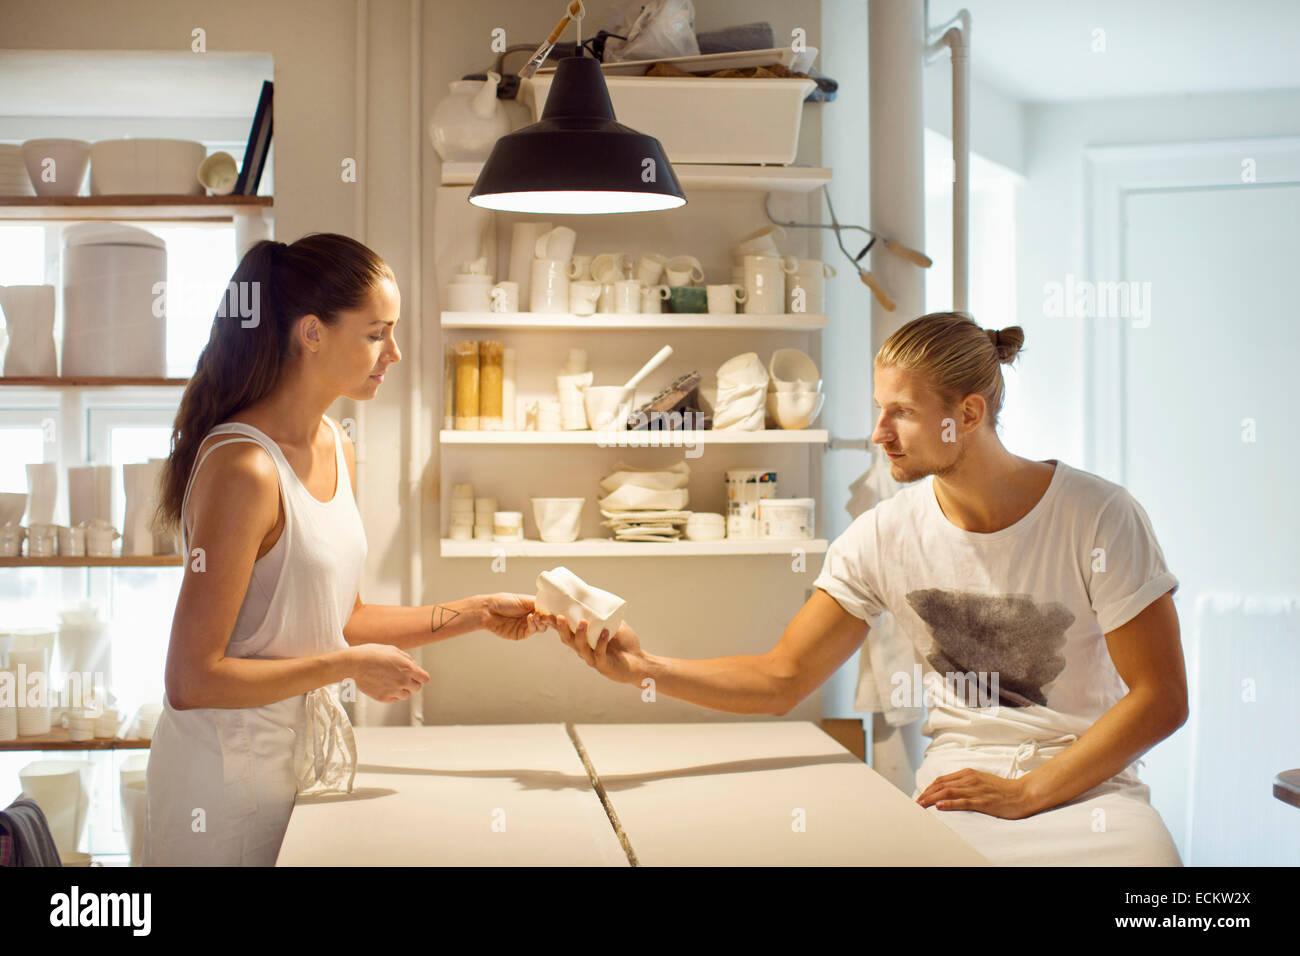 Arbeitnehmer, die betrachten Geschirr in Werkstatt Stockbild